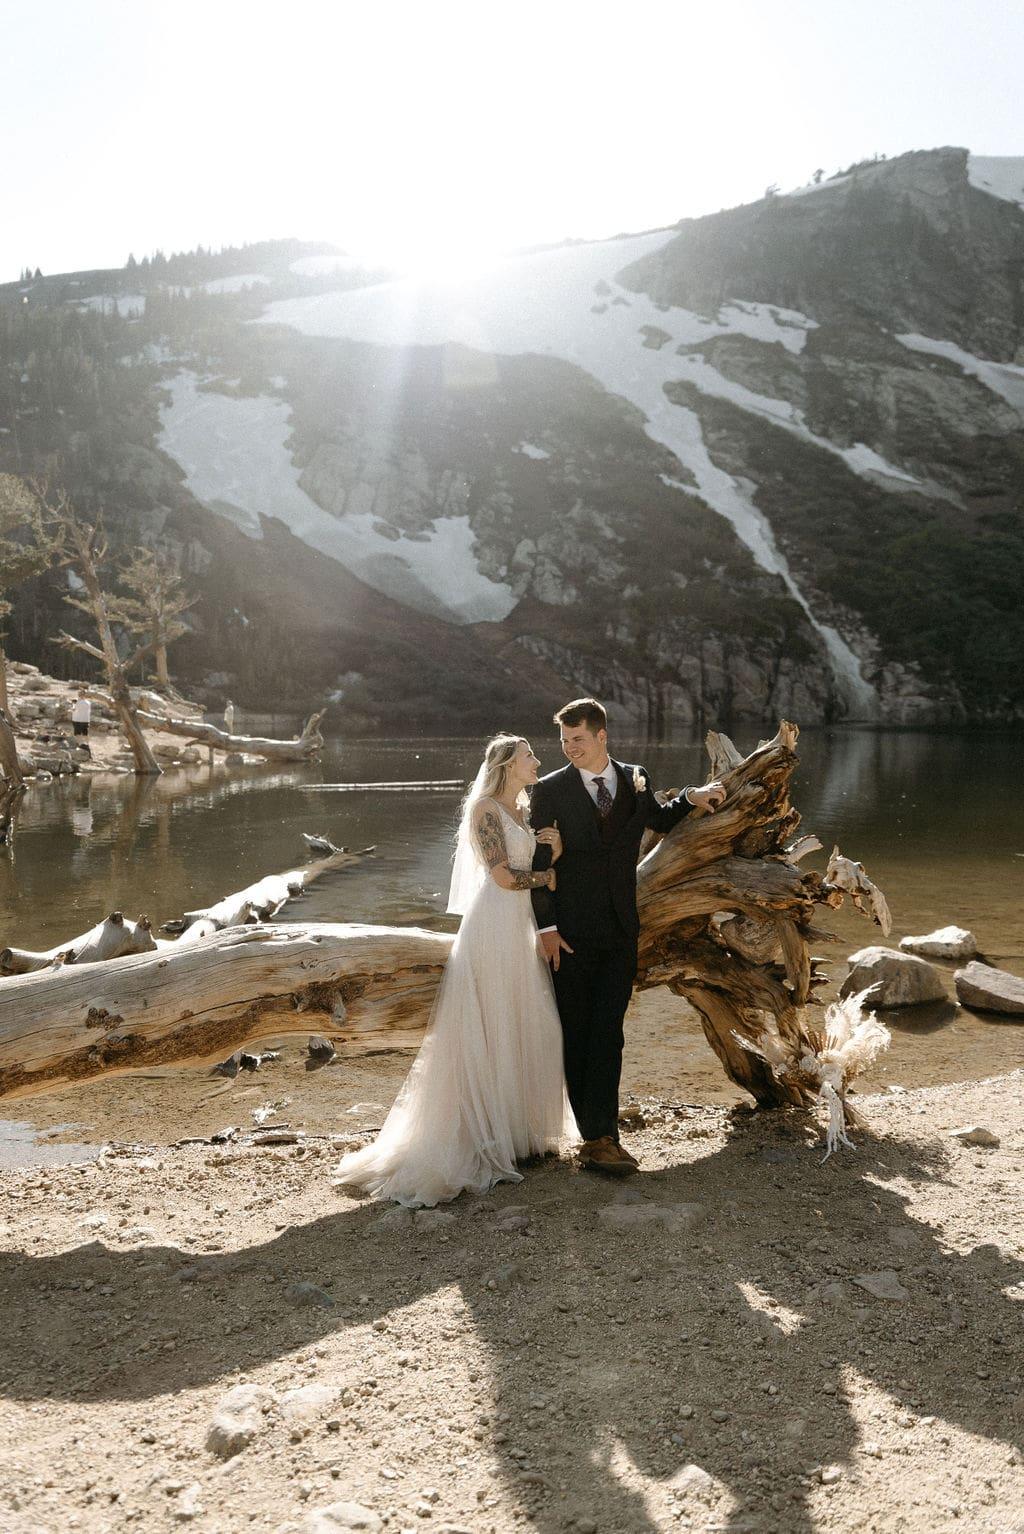 Bride and groom next to dead tree at st marys glacier in Colorado